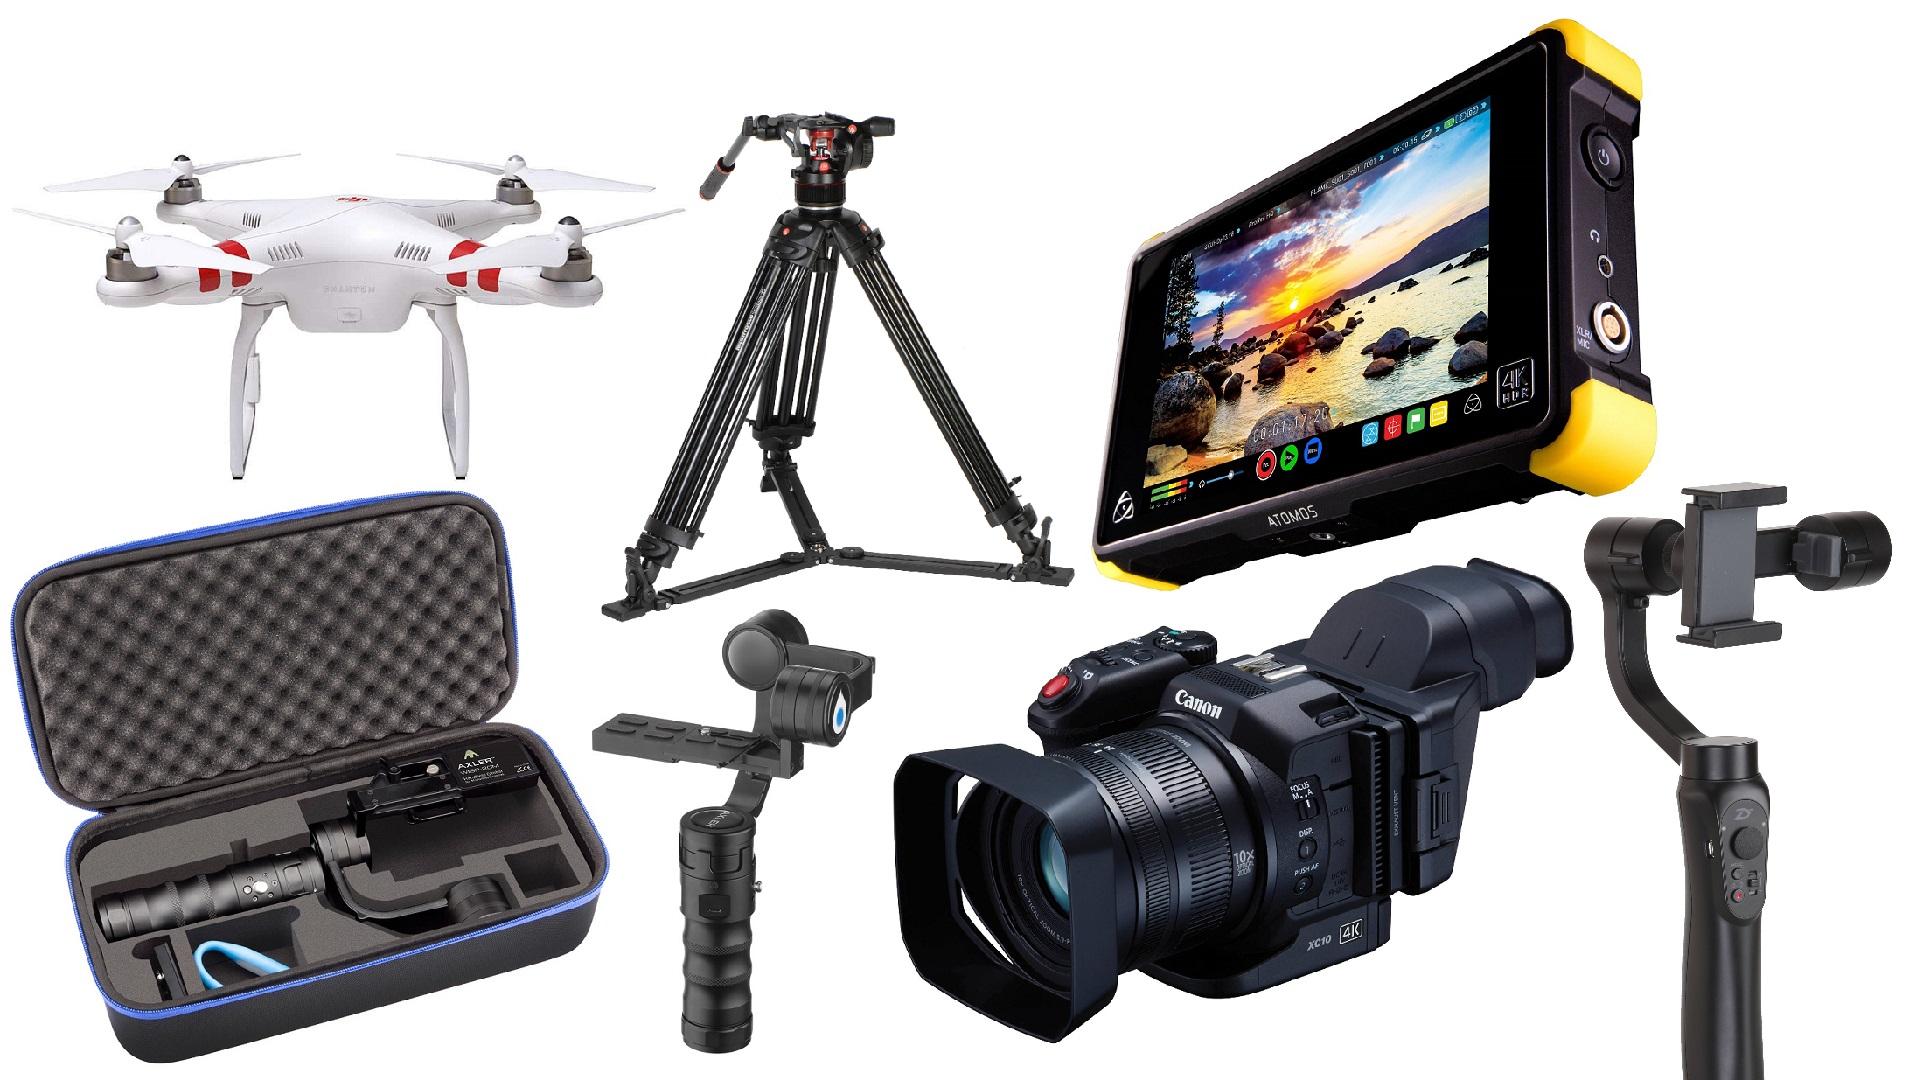 Las 10 mejores ofertas para cineastas de esta semana - Atomos, Drones DJI, Gimbals y más